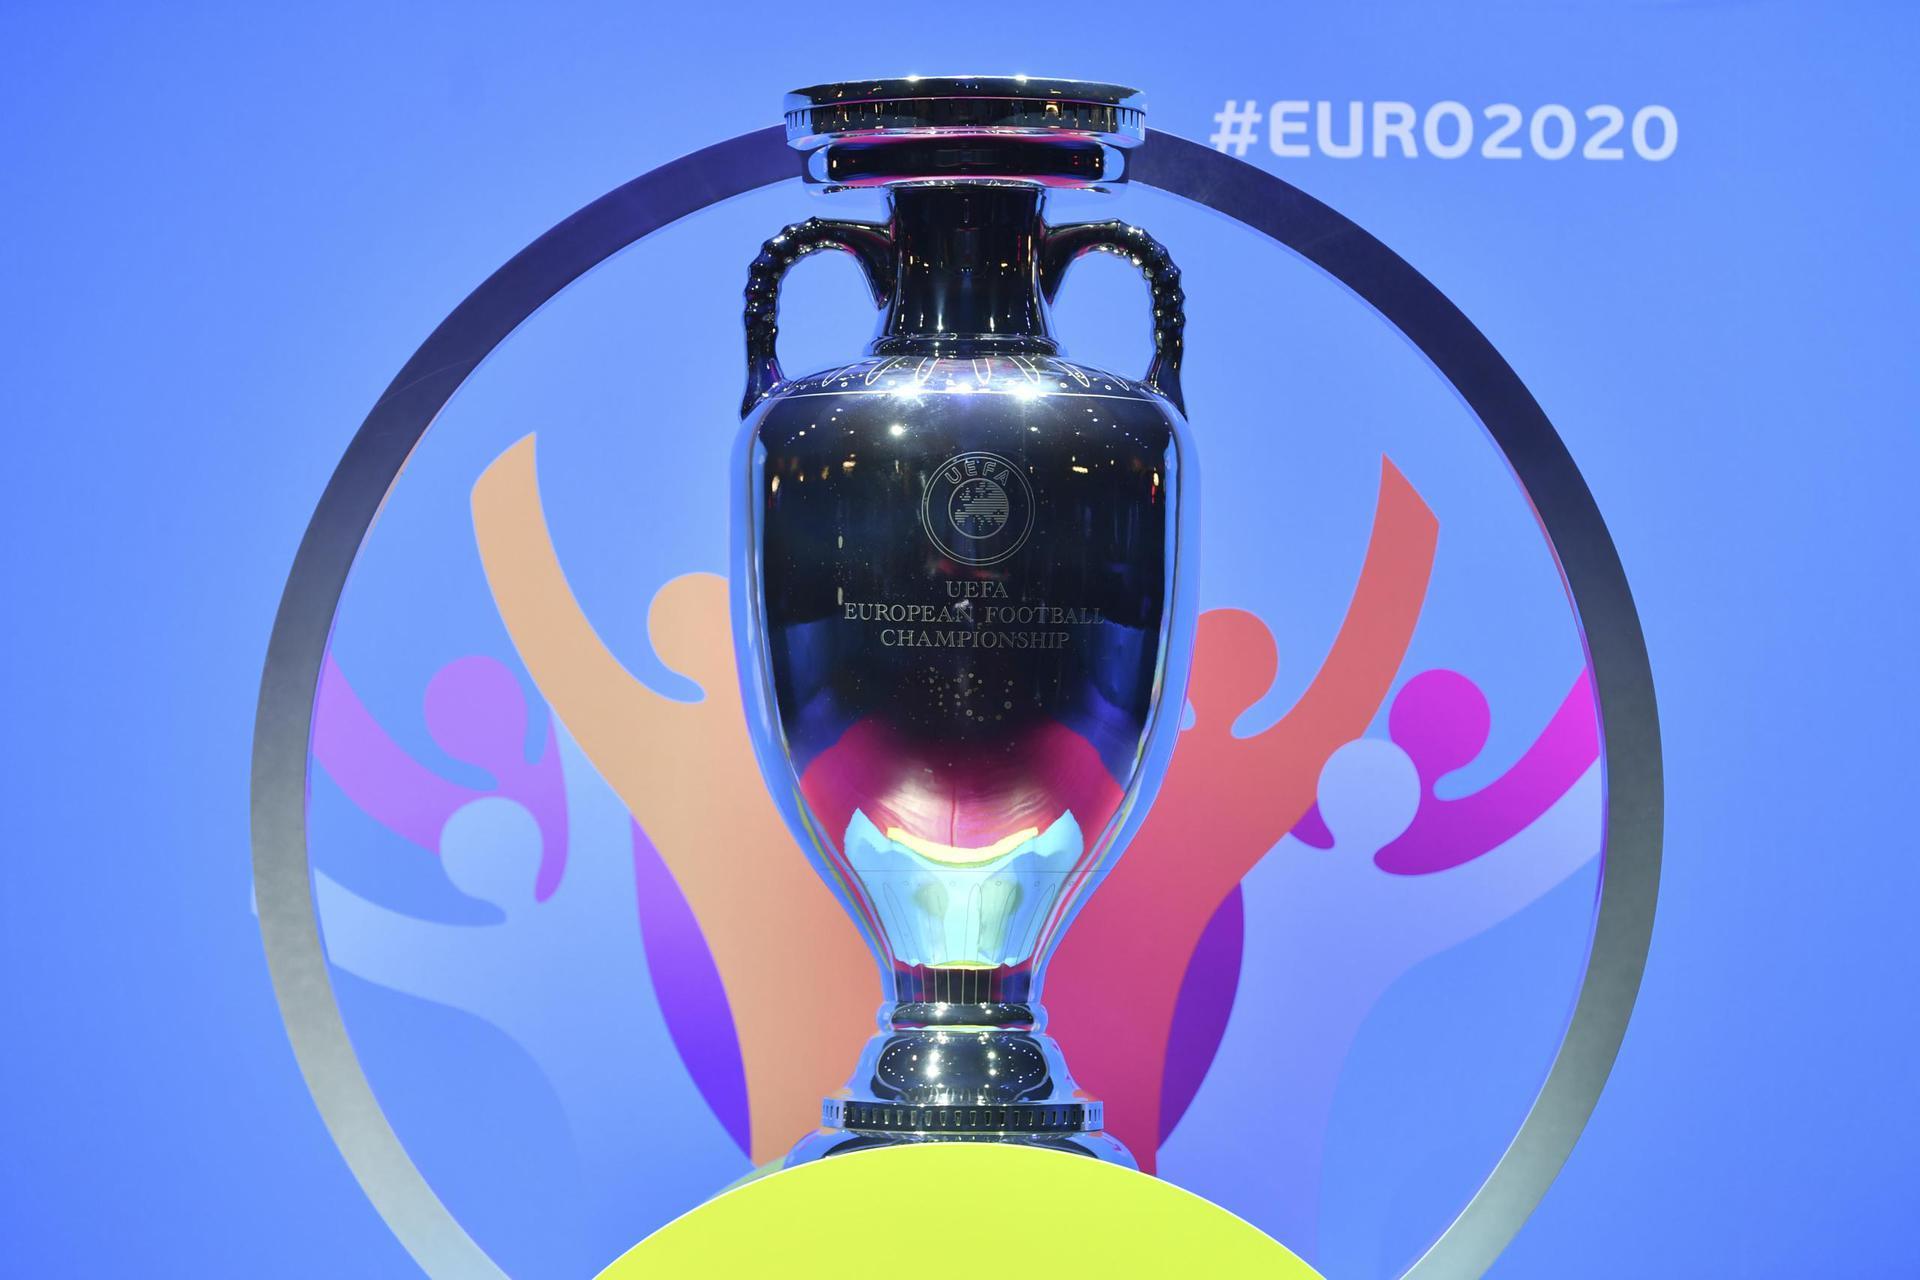 Der leichte oder schwere Weg – wer ist jetzt der Topfavorit? Fußball-EM